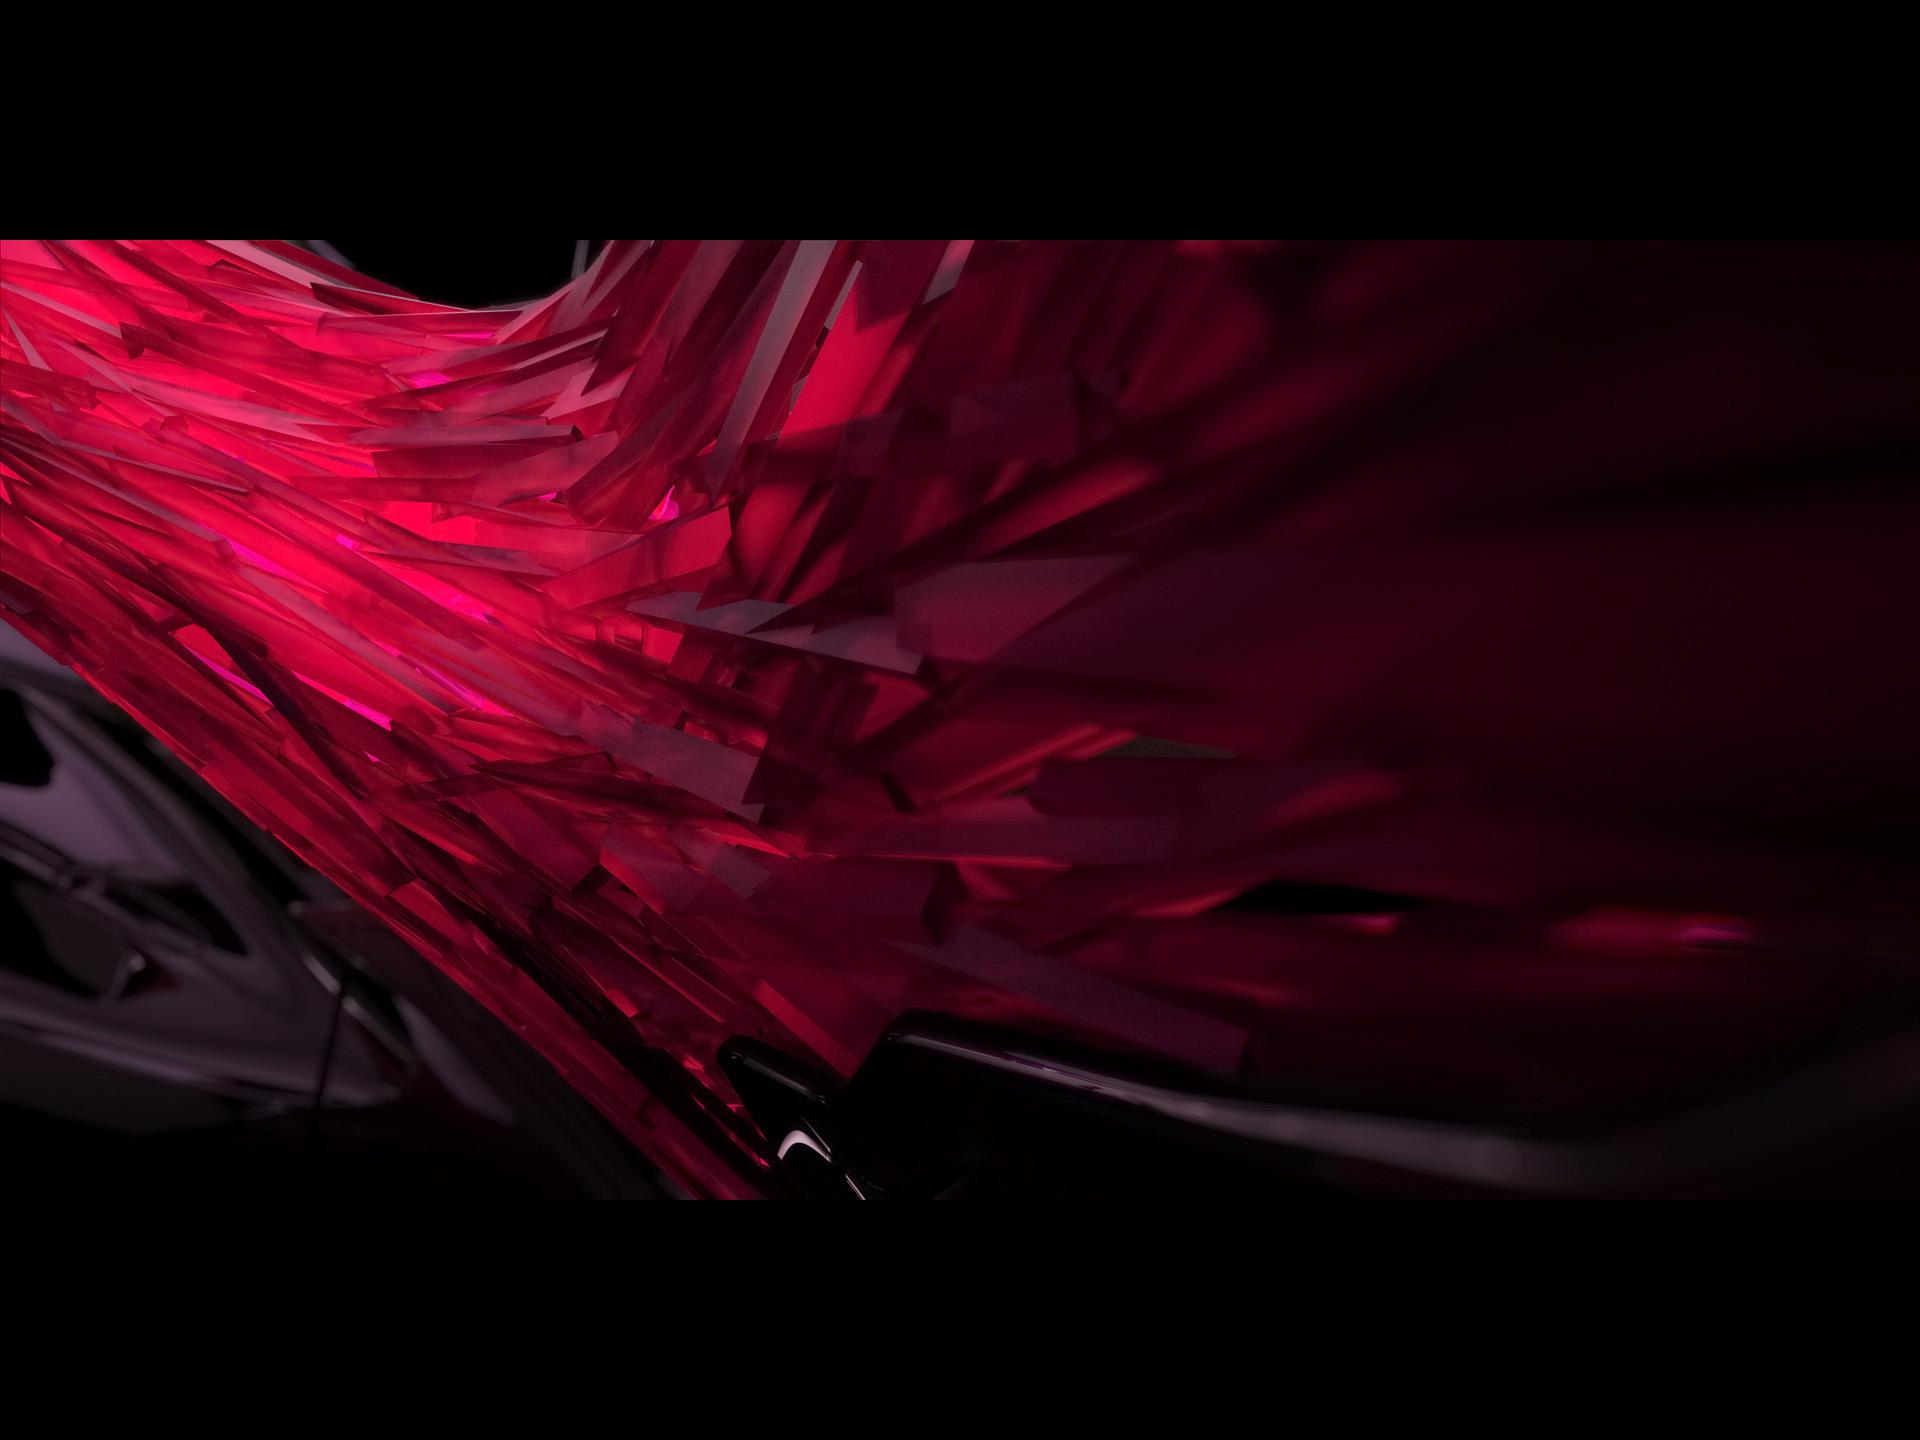 Citroen Revolte Concept   Deep Red Crystals   1920x1440   Wallpaper 1920x1440